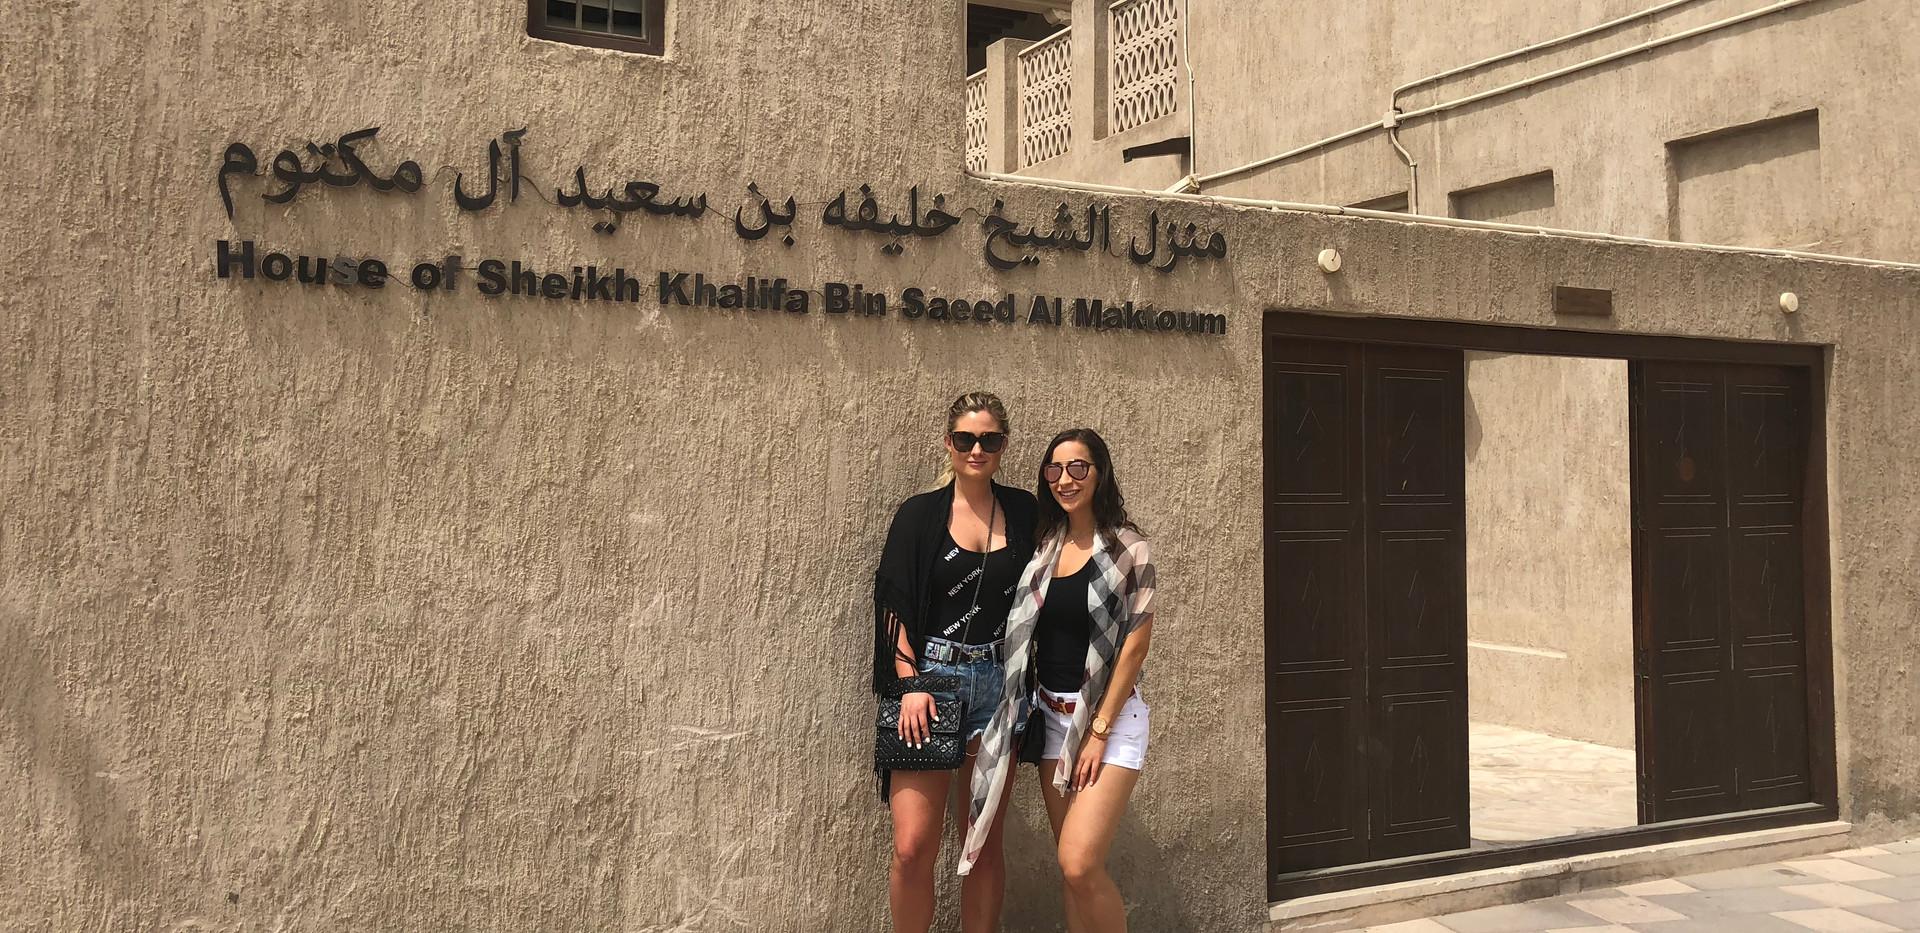 House of Sheikh Khalifa Bin Saeed Al Maktoum